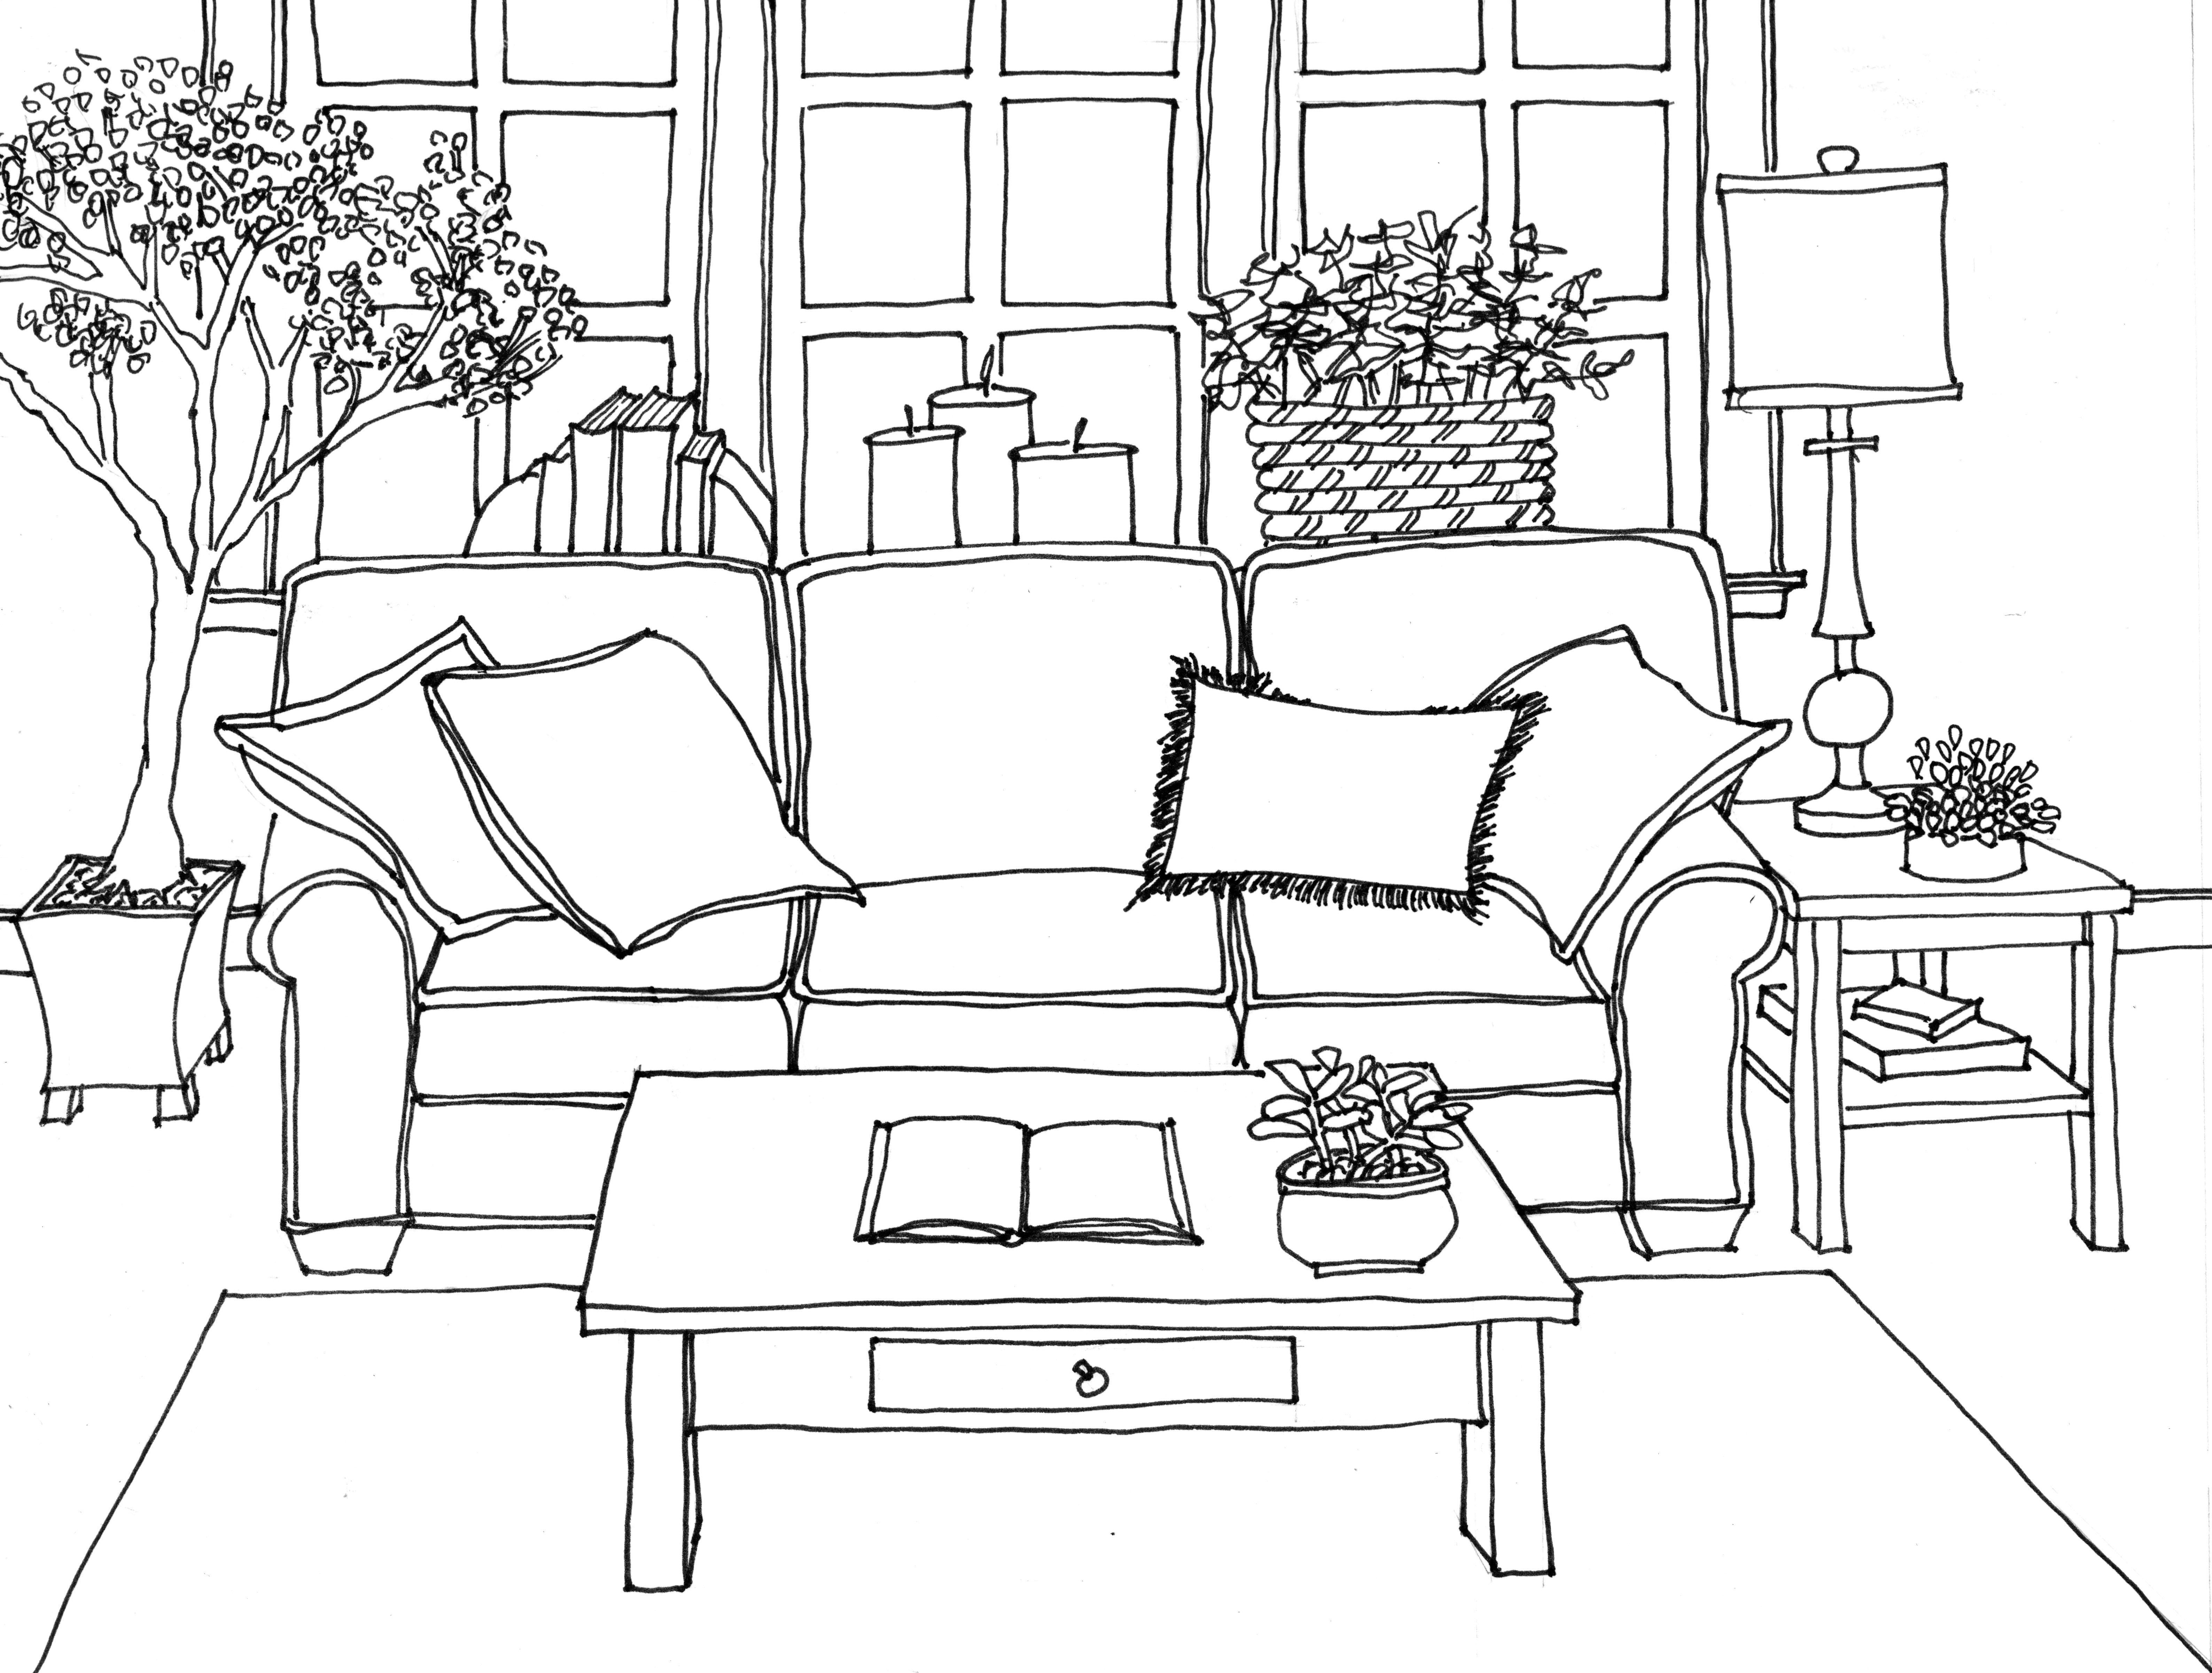 Drawn sofa Drawing Sofa + 1 Perspective